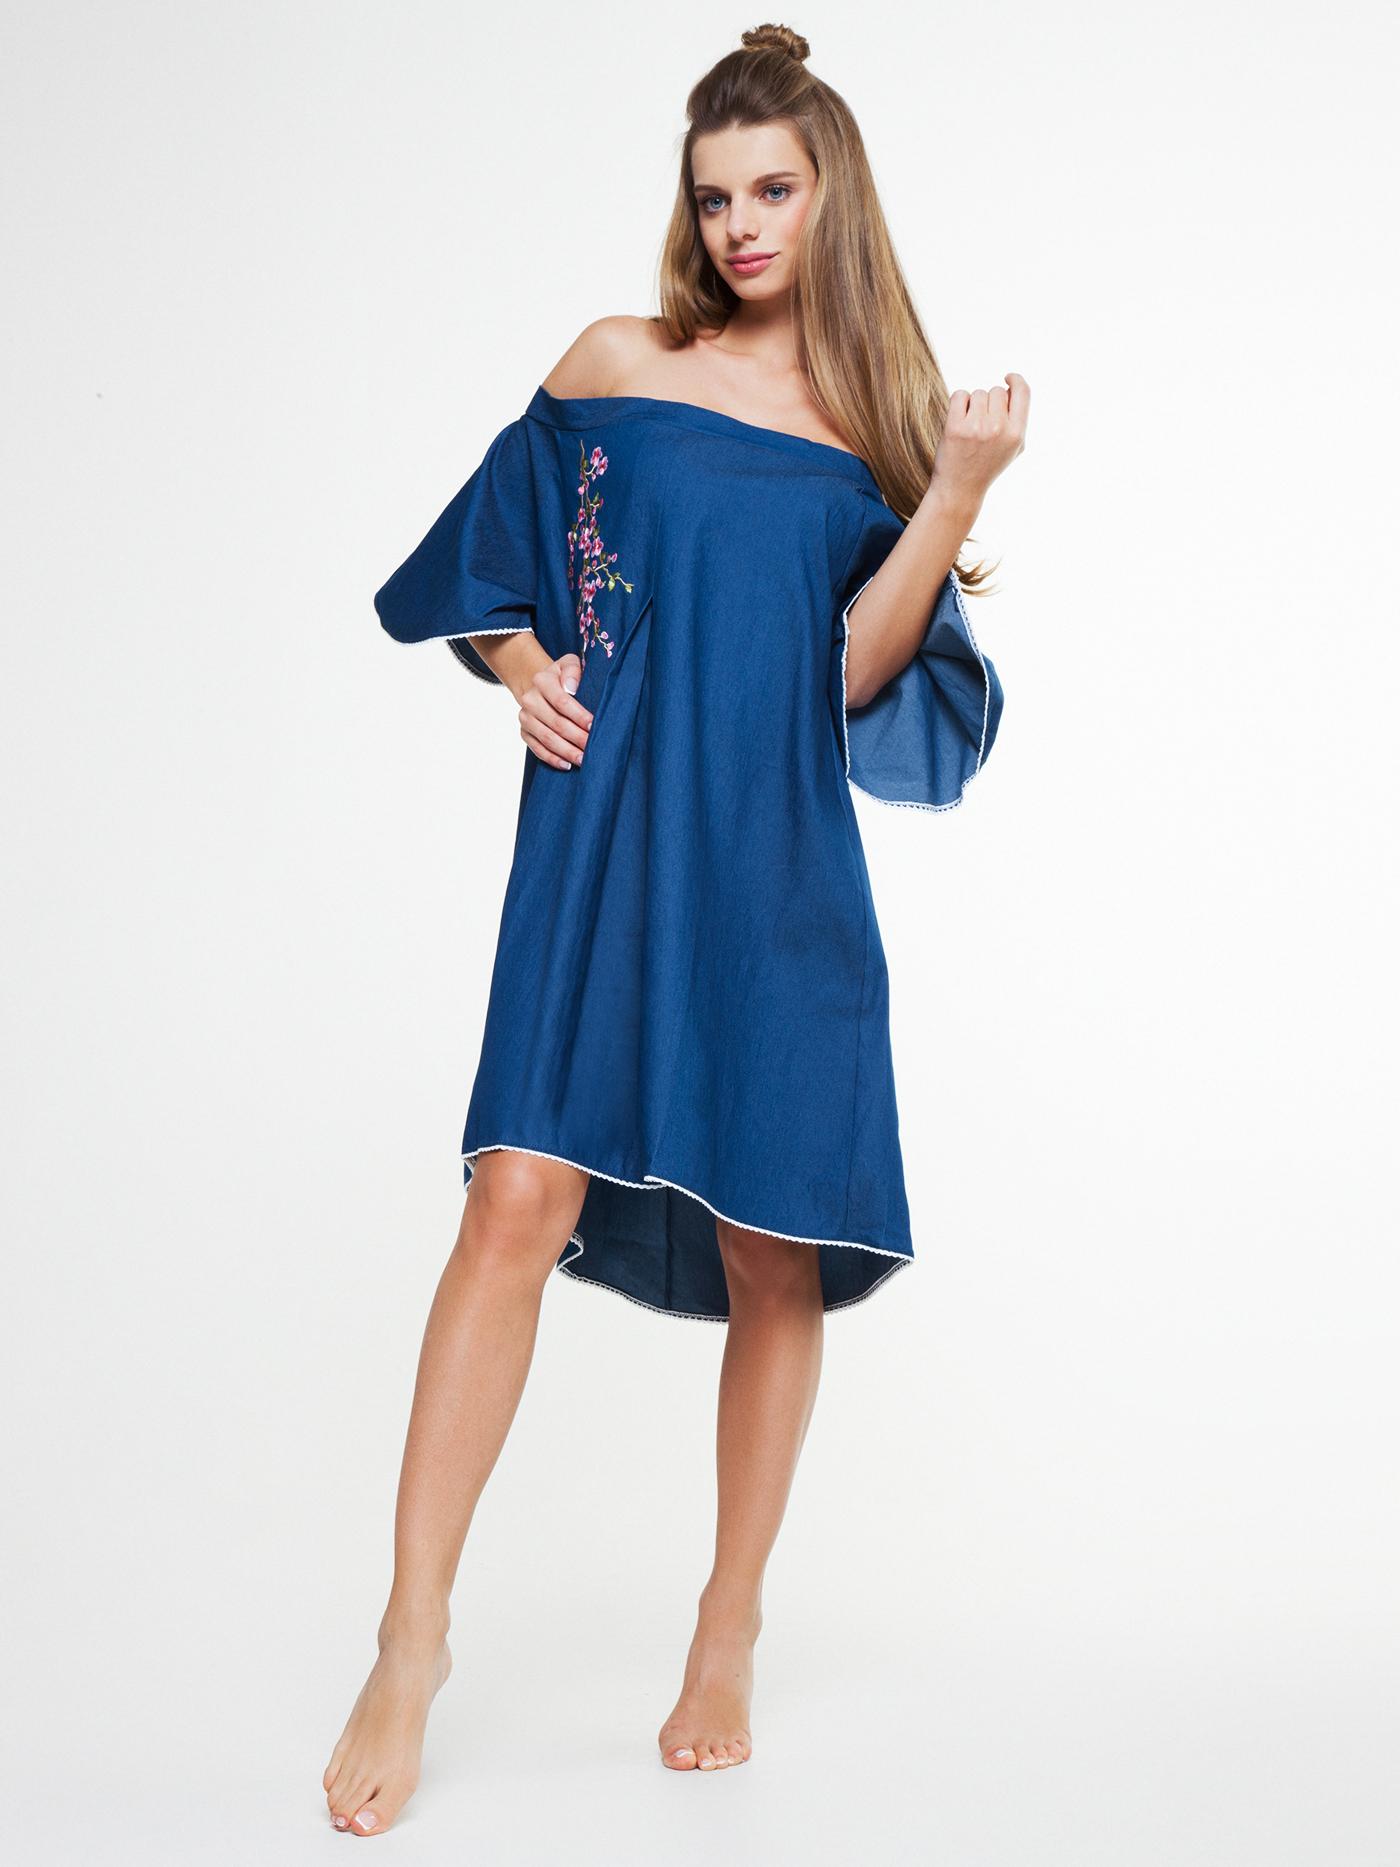 Платье vendetta denimБюстье<br>платье<br><br>Цвет: Глубокий синий<br>Декор: Вышивка<br>Стилистика: Без стилистики<br>Направление: Бюстье<br>Пол: Женский<br>Материал: 65%ХЛОПОК, 33%ПЛ, 2%ЭЛ<br>Размер: 2